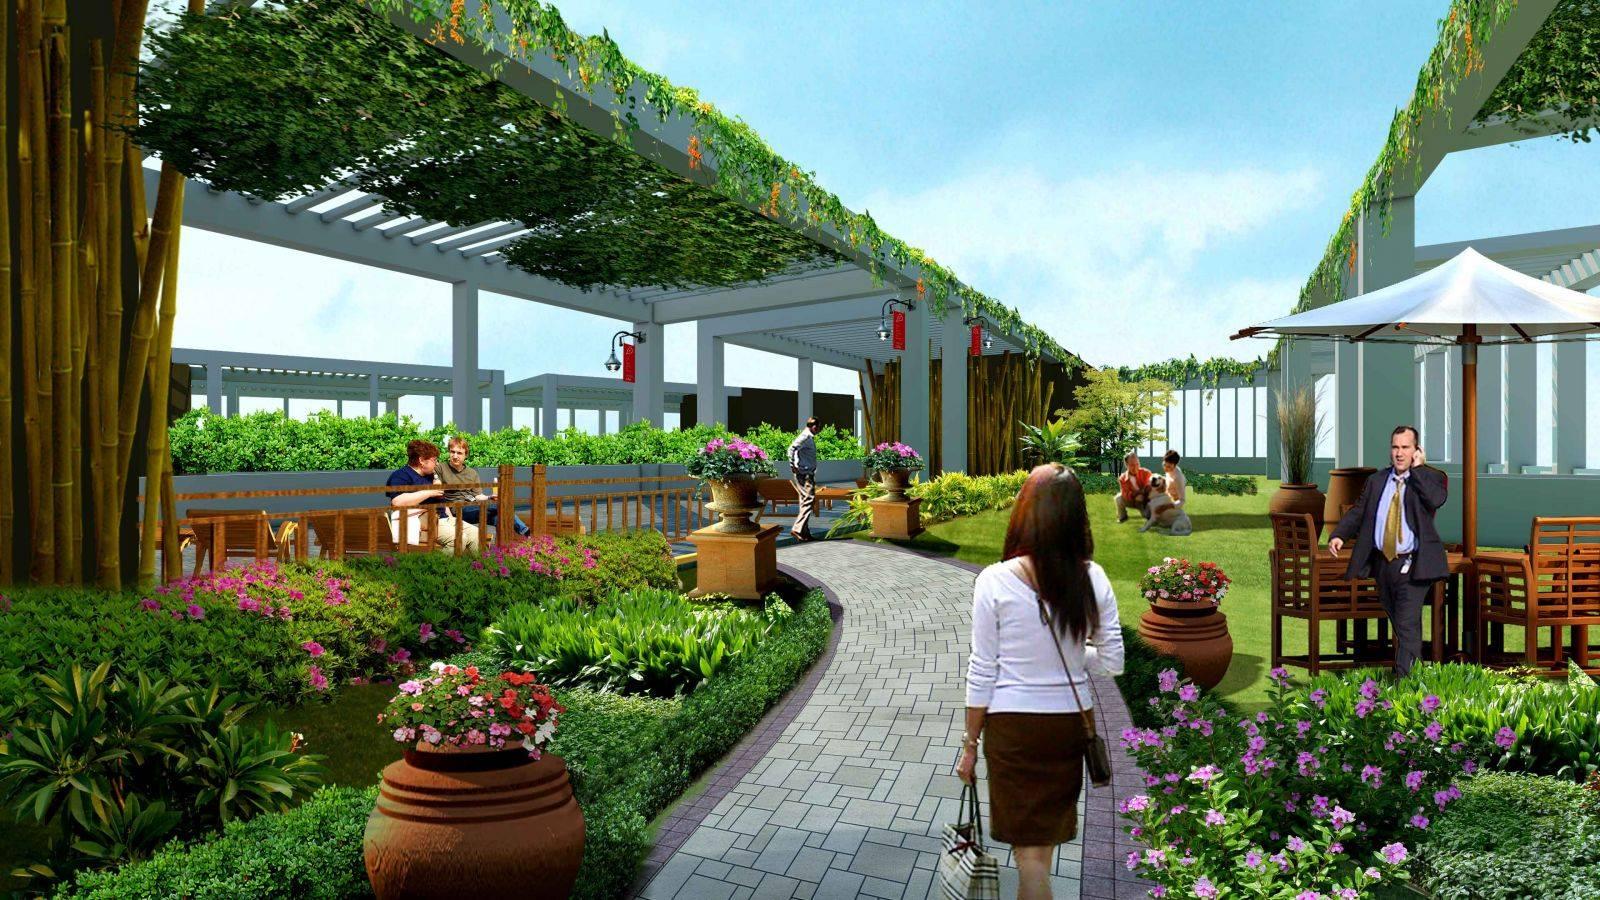 Vườn nội khu dự án Biệt thự Liền kề Green Pearl